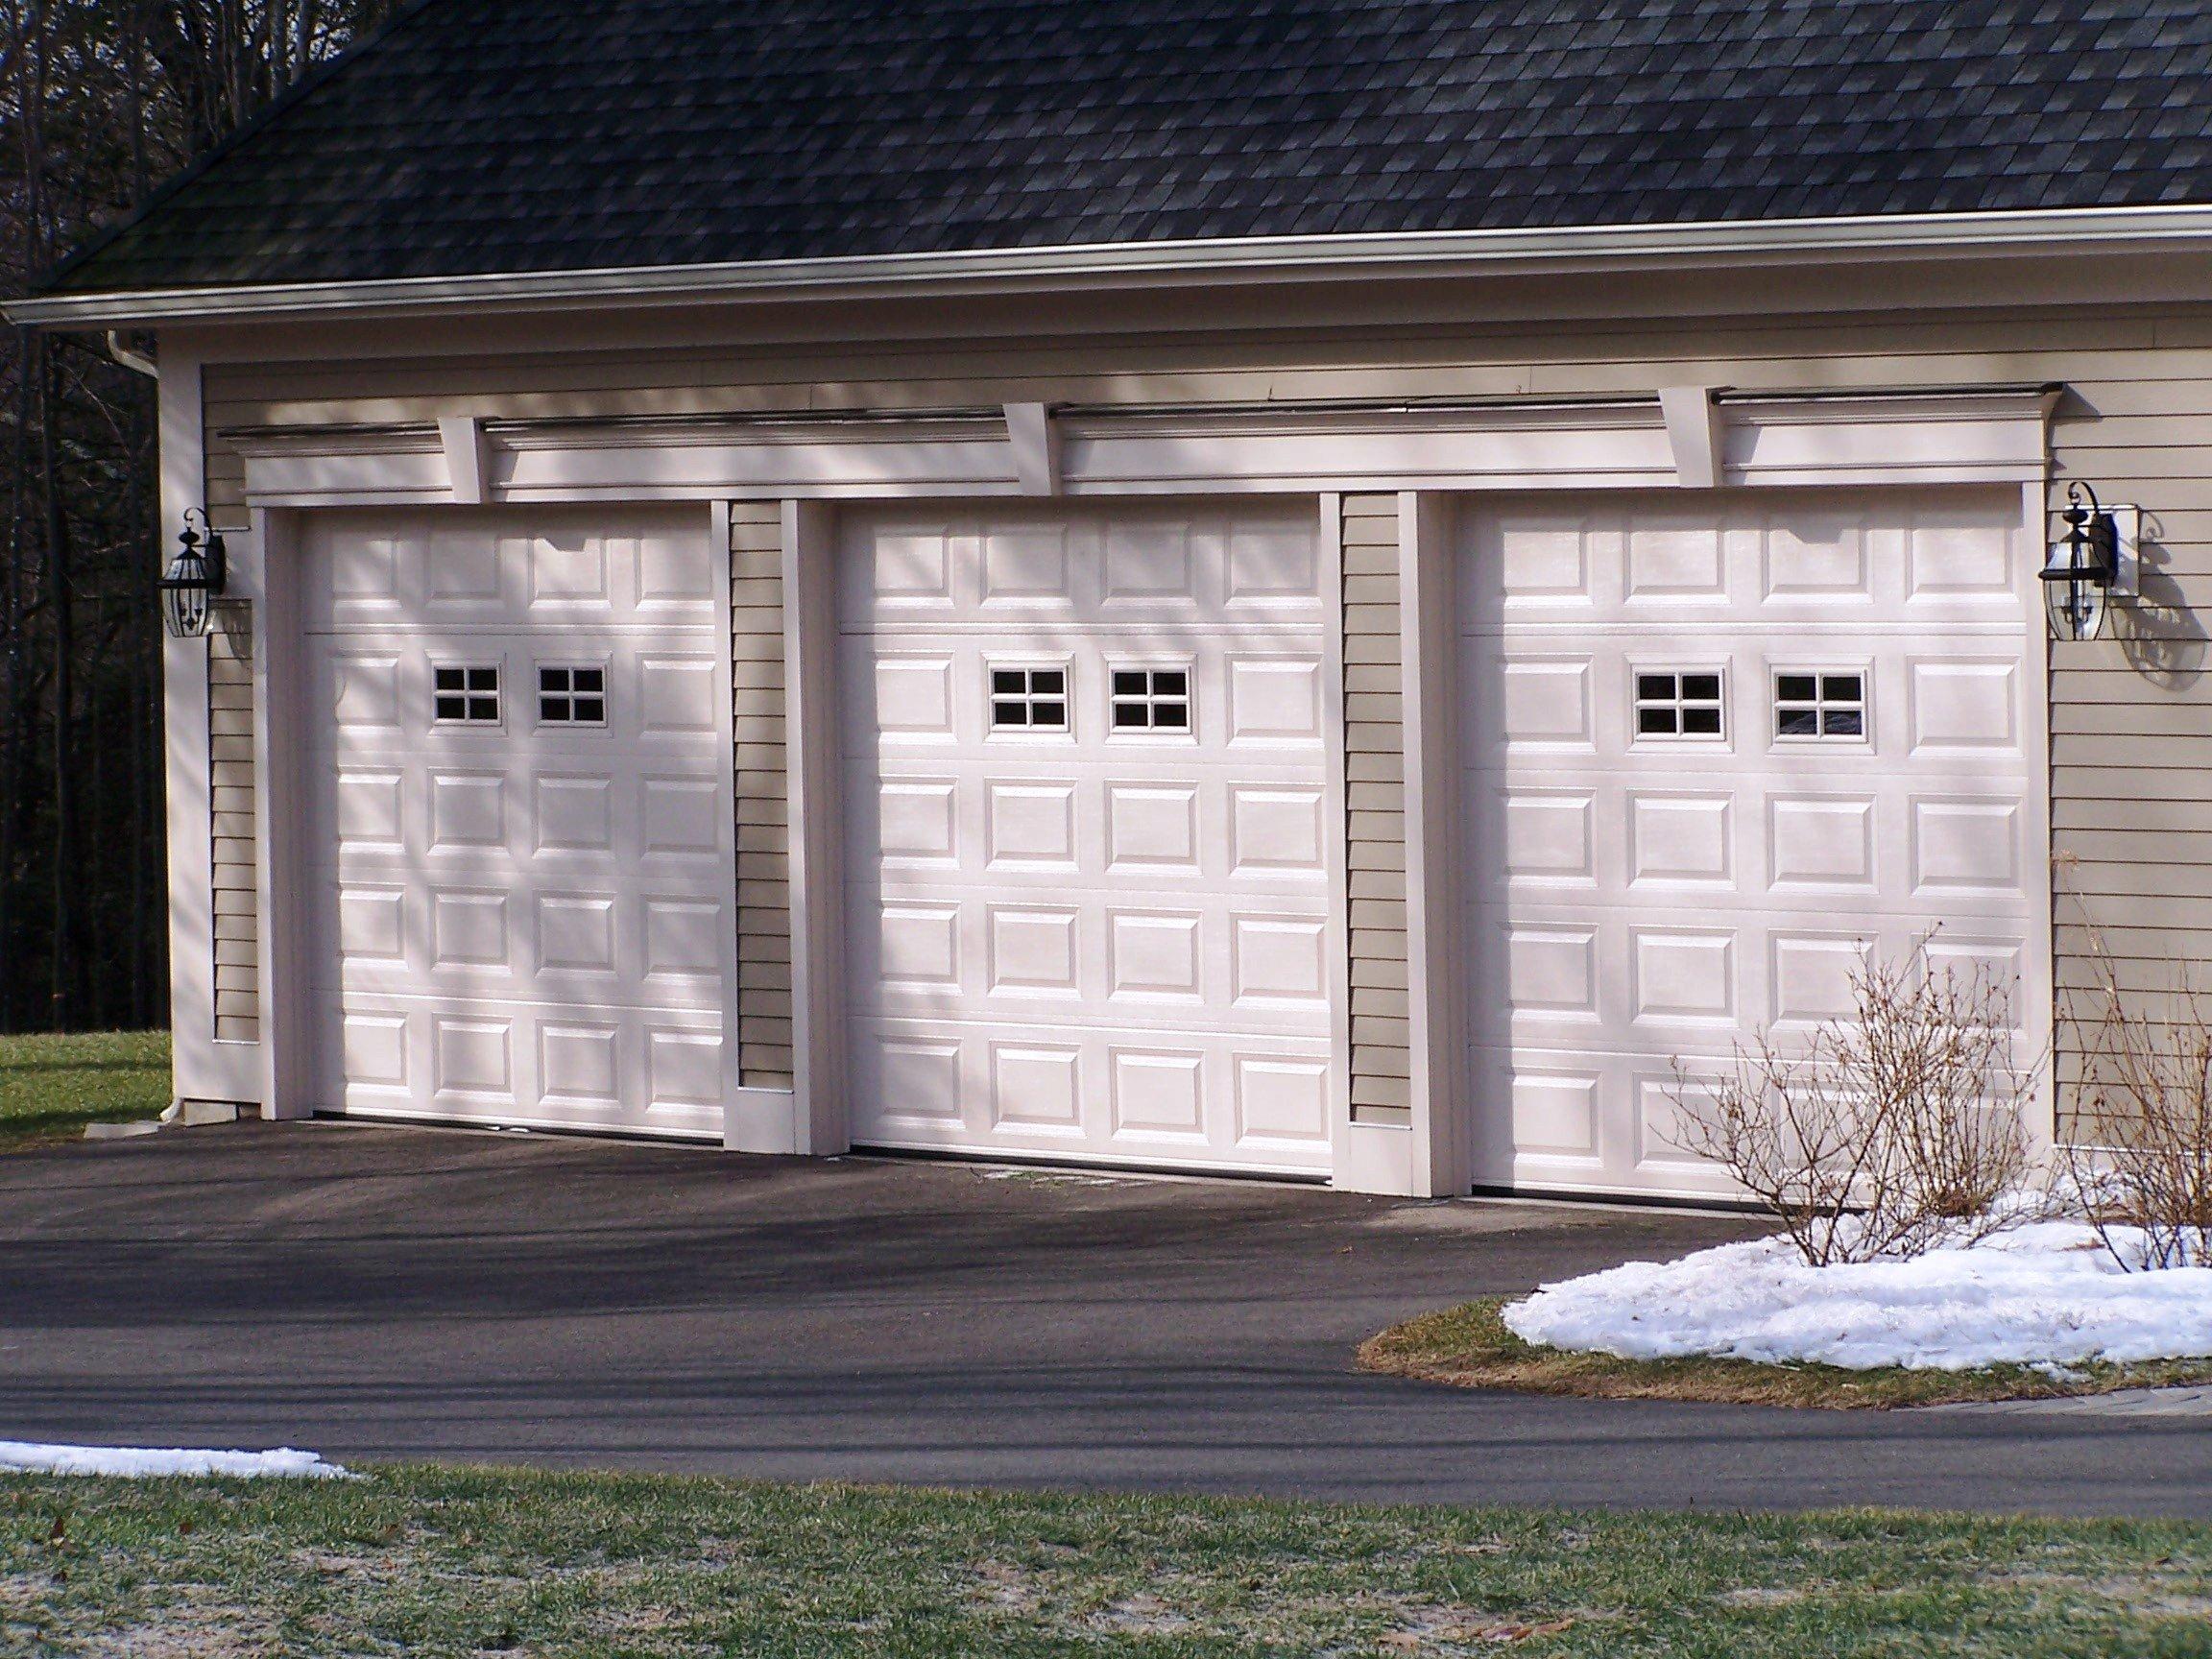 Douglas Garage Door Center Inc Photo Gallery East Hartford. Garage Door Repair Oregon City. Shower Door Frame Parts. Accent Cabinet With Doors. Rats In Garage. California Garage Door. Glass Door Company. Security Door Bars. One Car Garage Makeover